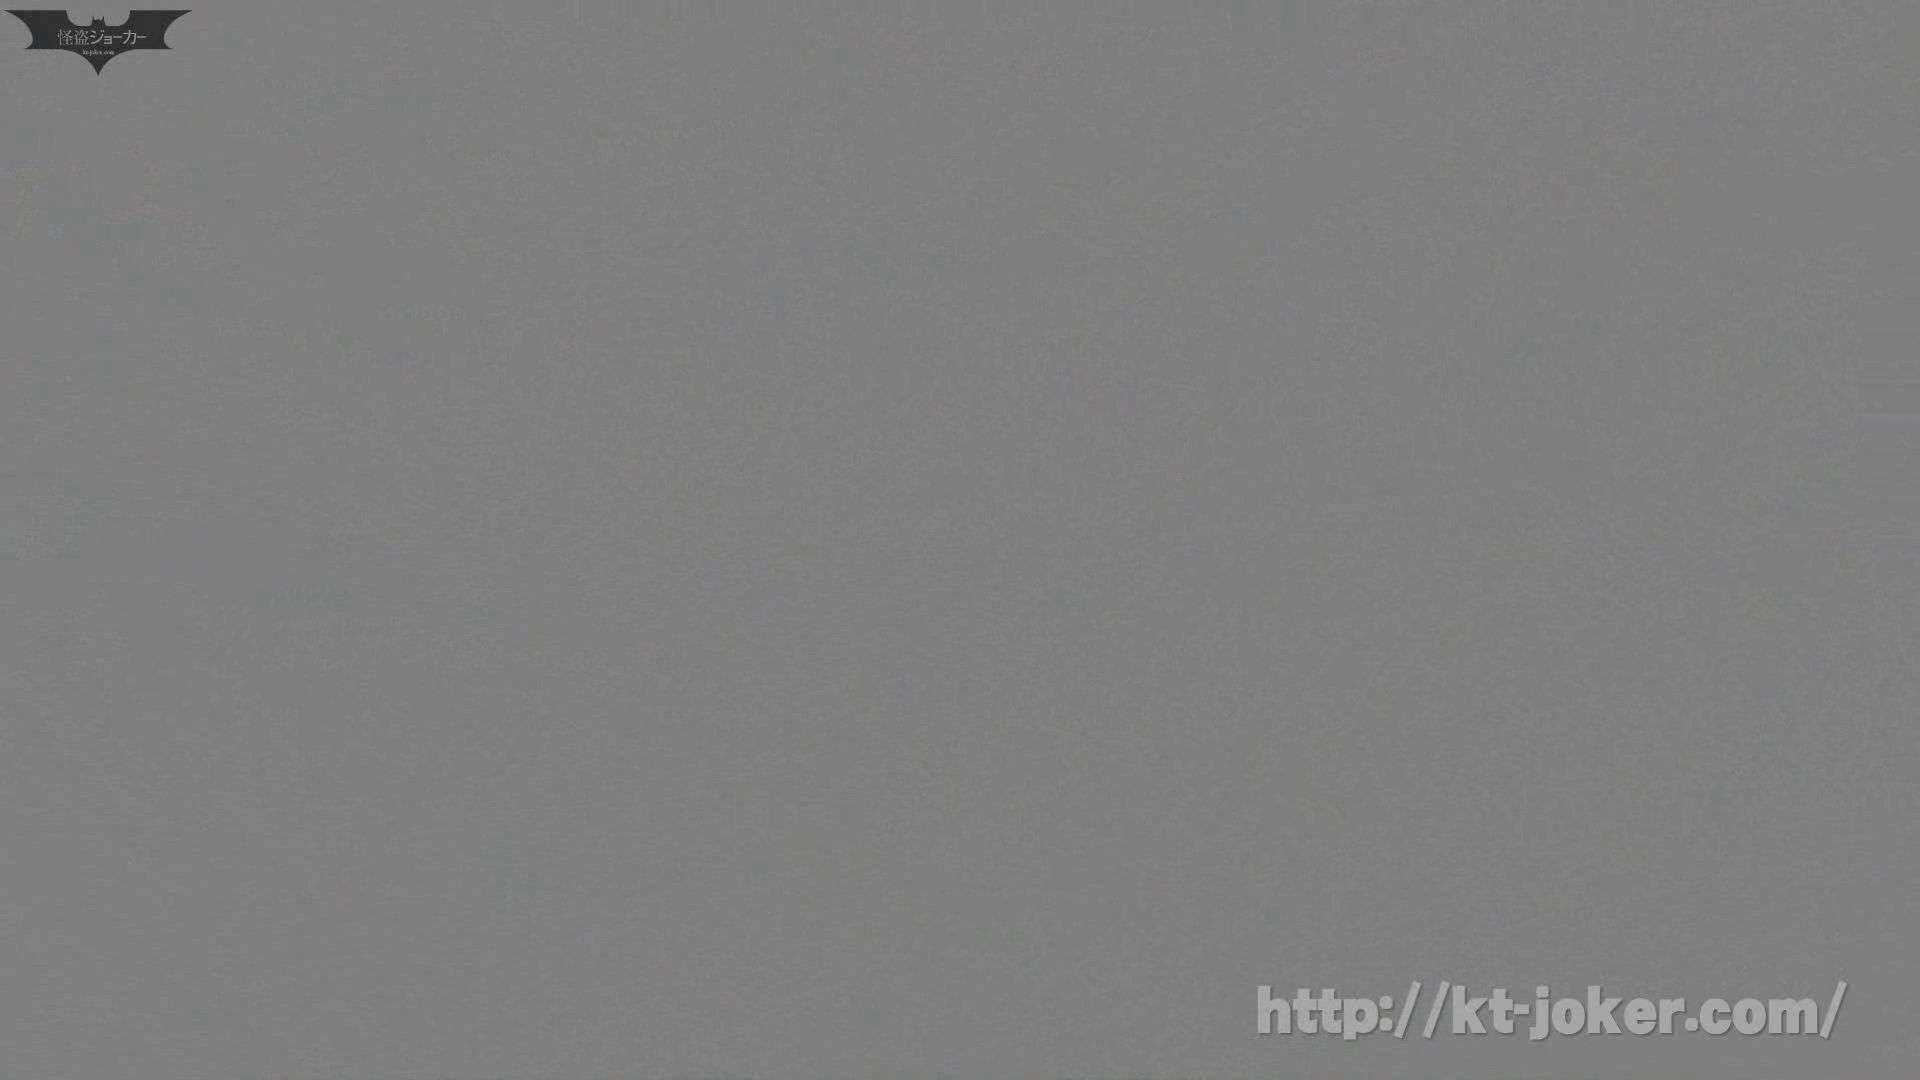 命がけ潜伏洗面所! vol.55 モデル級?「いやモデルだね!」な美女登場! OL女体 ワレメ動画紹介 69連発 38